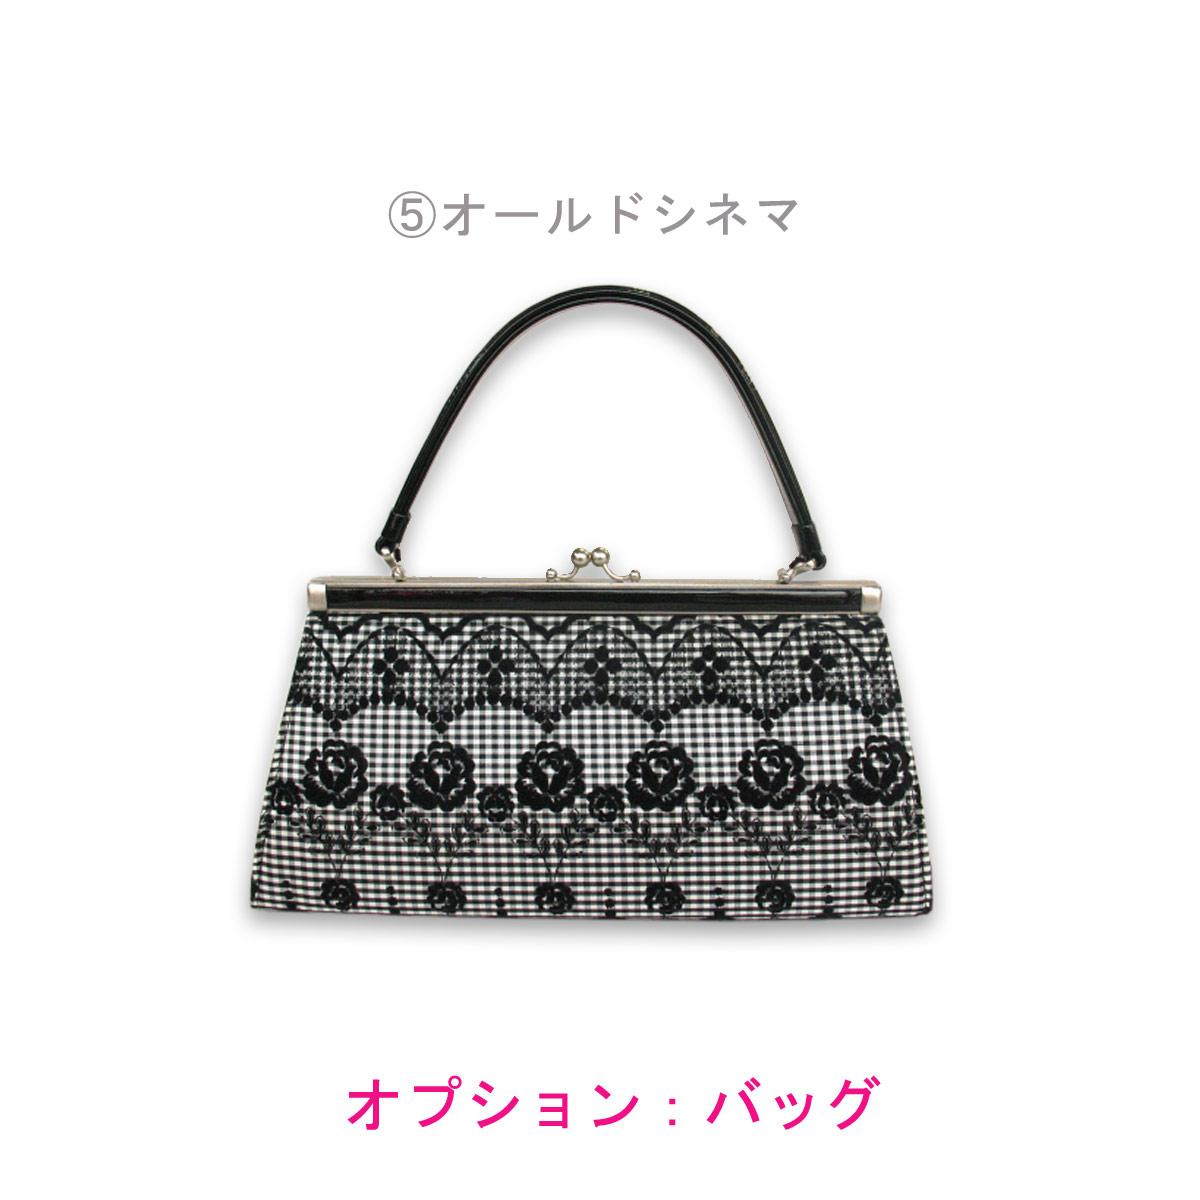 【レンタル】振袖 モンドリアン